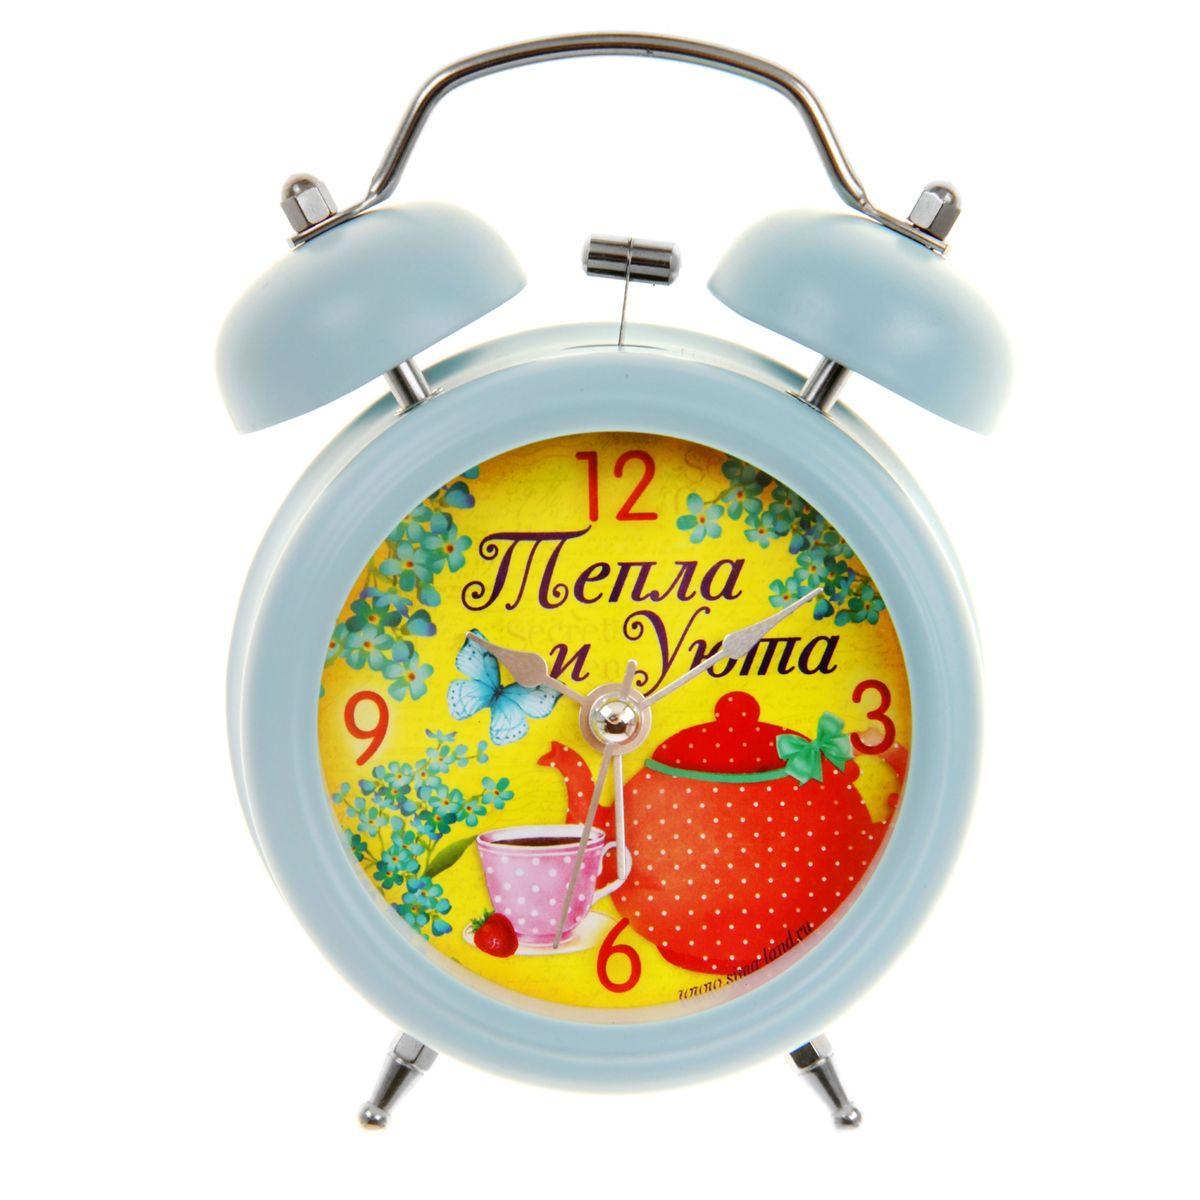 Часы-будильник Sima-land Тепла и уюта839675Как же сложно иногда вставать вовремя! Всегда так хочется поспать еще хотя бы 5 минут и бывает, что мы просыпаем. Теперь этого не случится! Яркий, оригинальный будильник Sima-land Тепла и уюта поможет вам всегда вставать в нужное время и успевать везде и всюду. Будильник украсит вашу комнату и приведет в восхищение друзей. Время показывает точно и будит в установленный час. На задней панели будильника расположены переключатель включения/выключения механизма, а также два колесика для настройки текущего времени и времени звонка будильника. Также будильник оснащен кнопкой, при нажатии и удержании которой, подсвечивается циферблат. Будильник работает от 1 батарейки типа AA напряжением 1,5V (не входит в комплект).